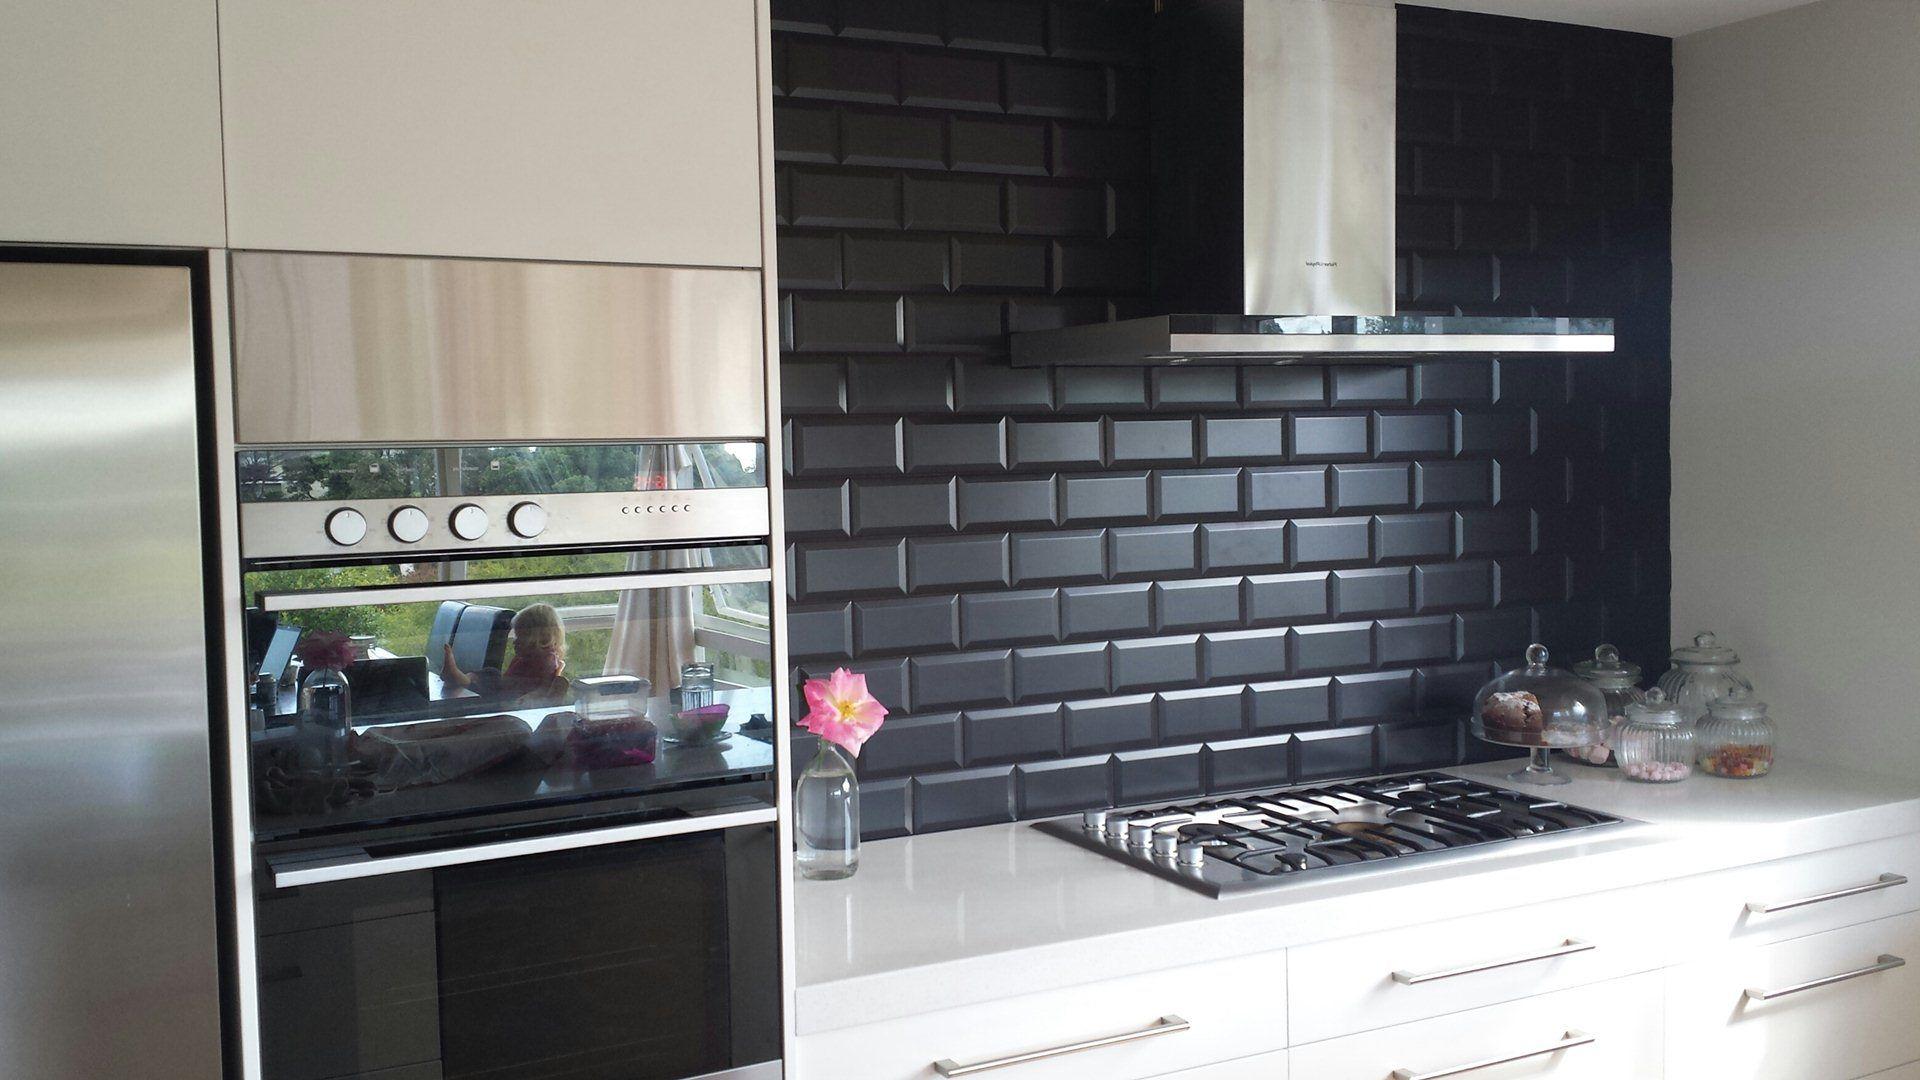 Image Of Black Subway Tile Kitchen Backsplash  Home